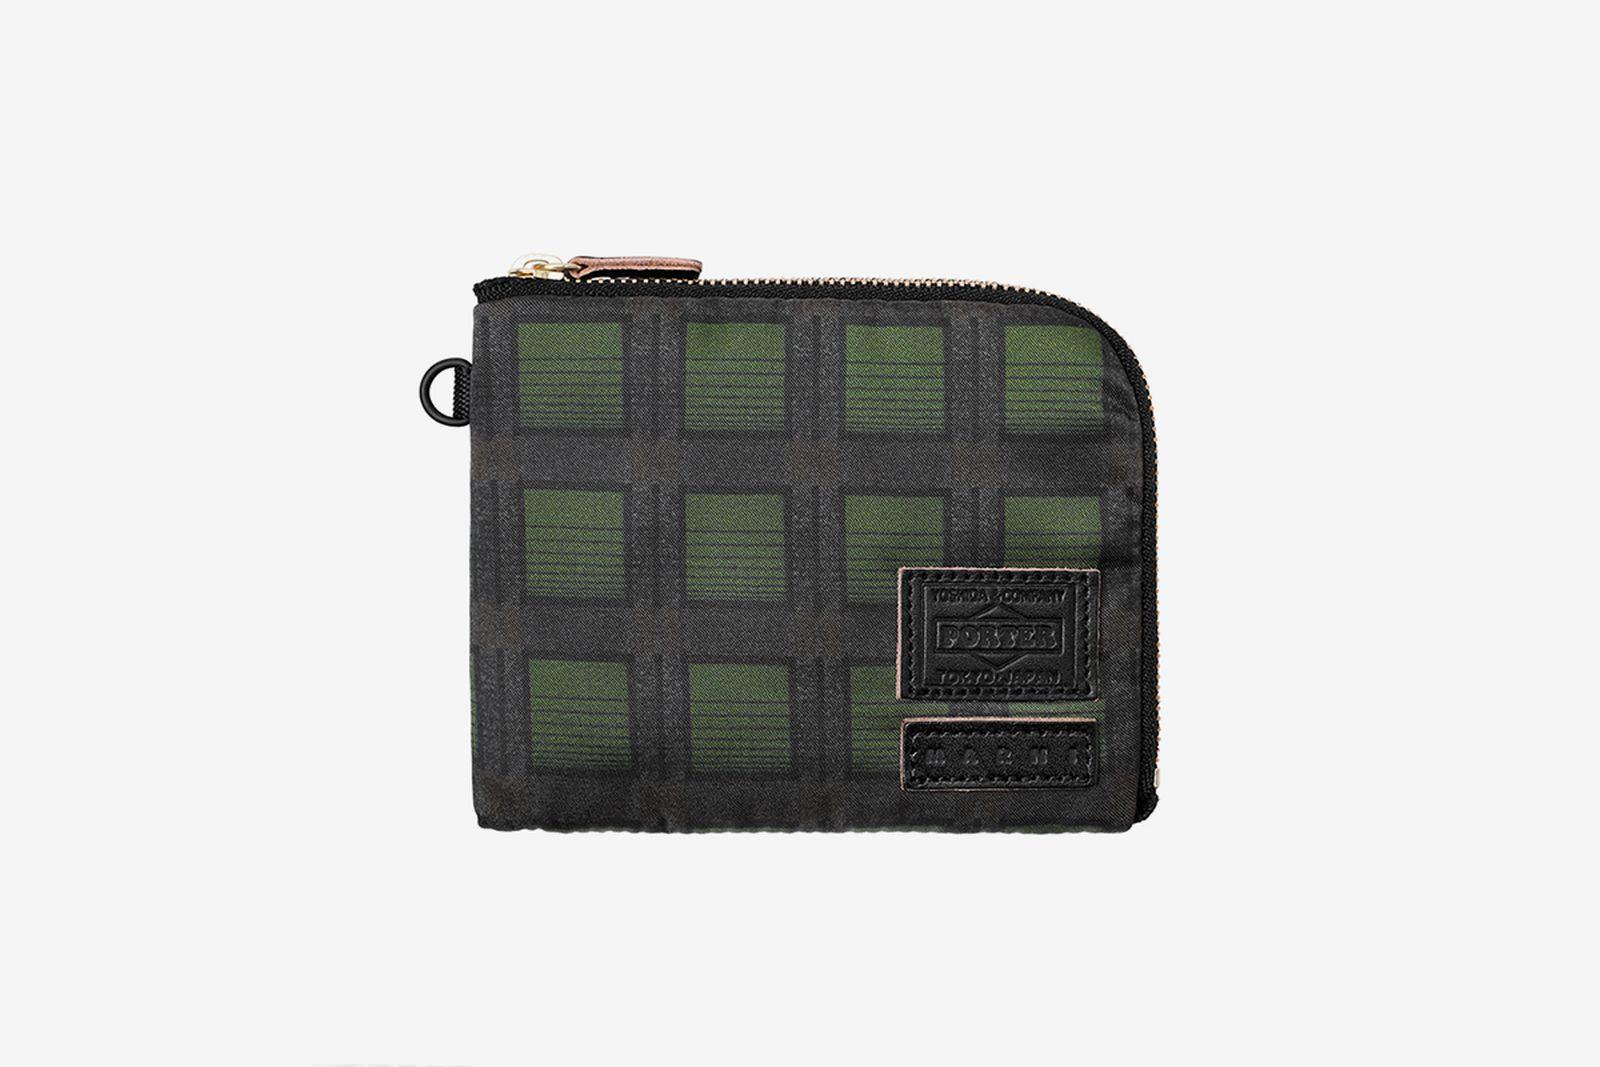 marni porter fw19 bag collection Porter-Yoshida & Co.